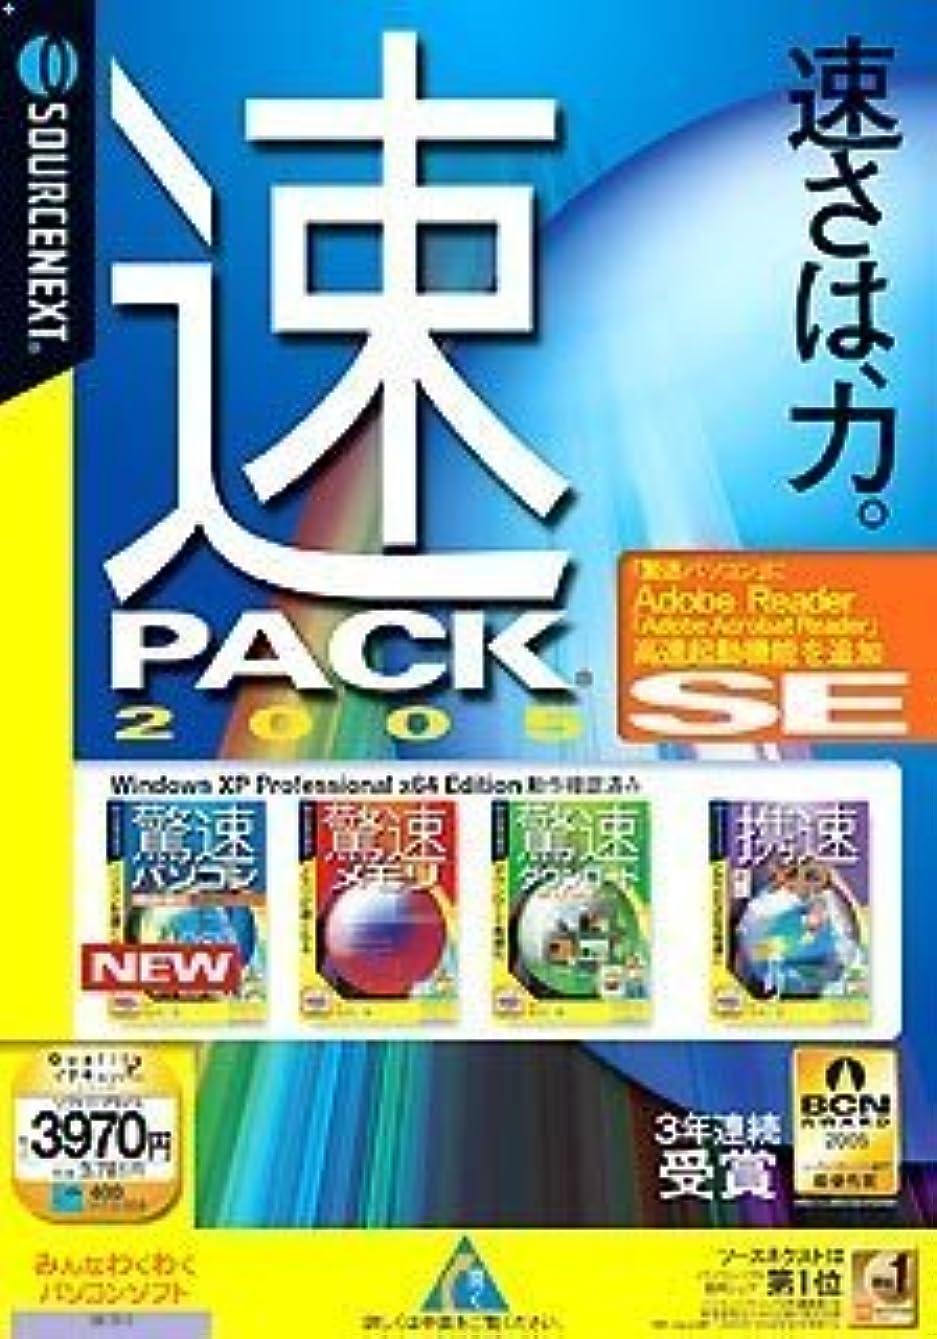 アンティークバウンド欠如速PACK 2005 SE (説明扉付きスリムパッケージ版)